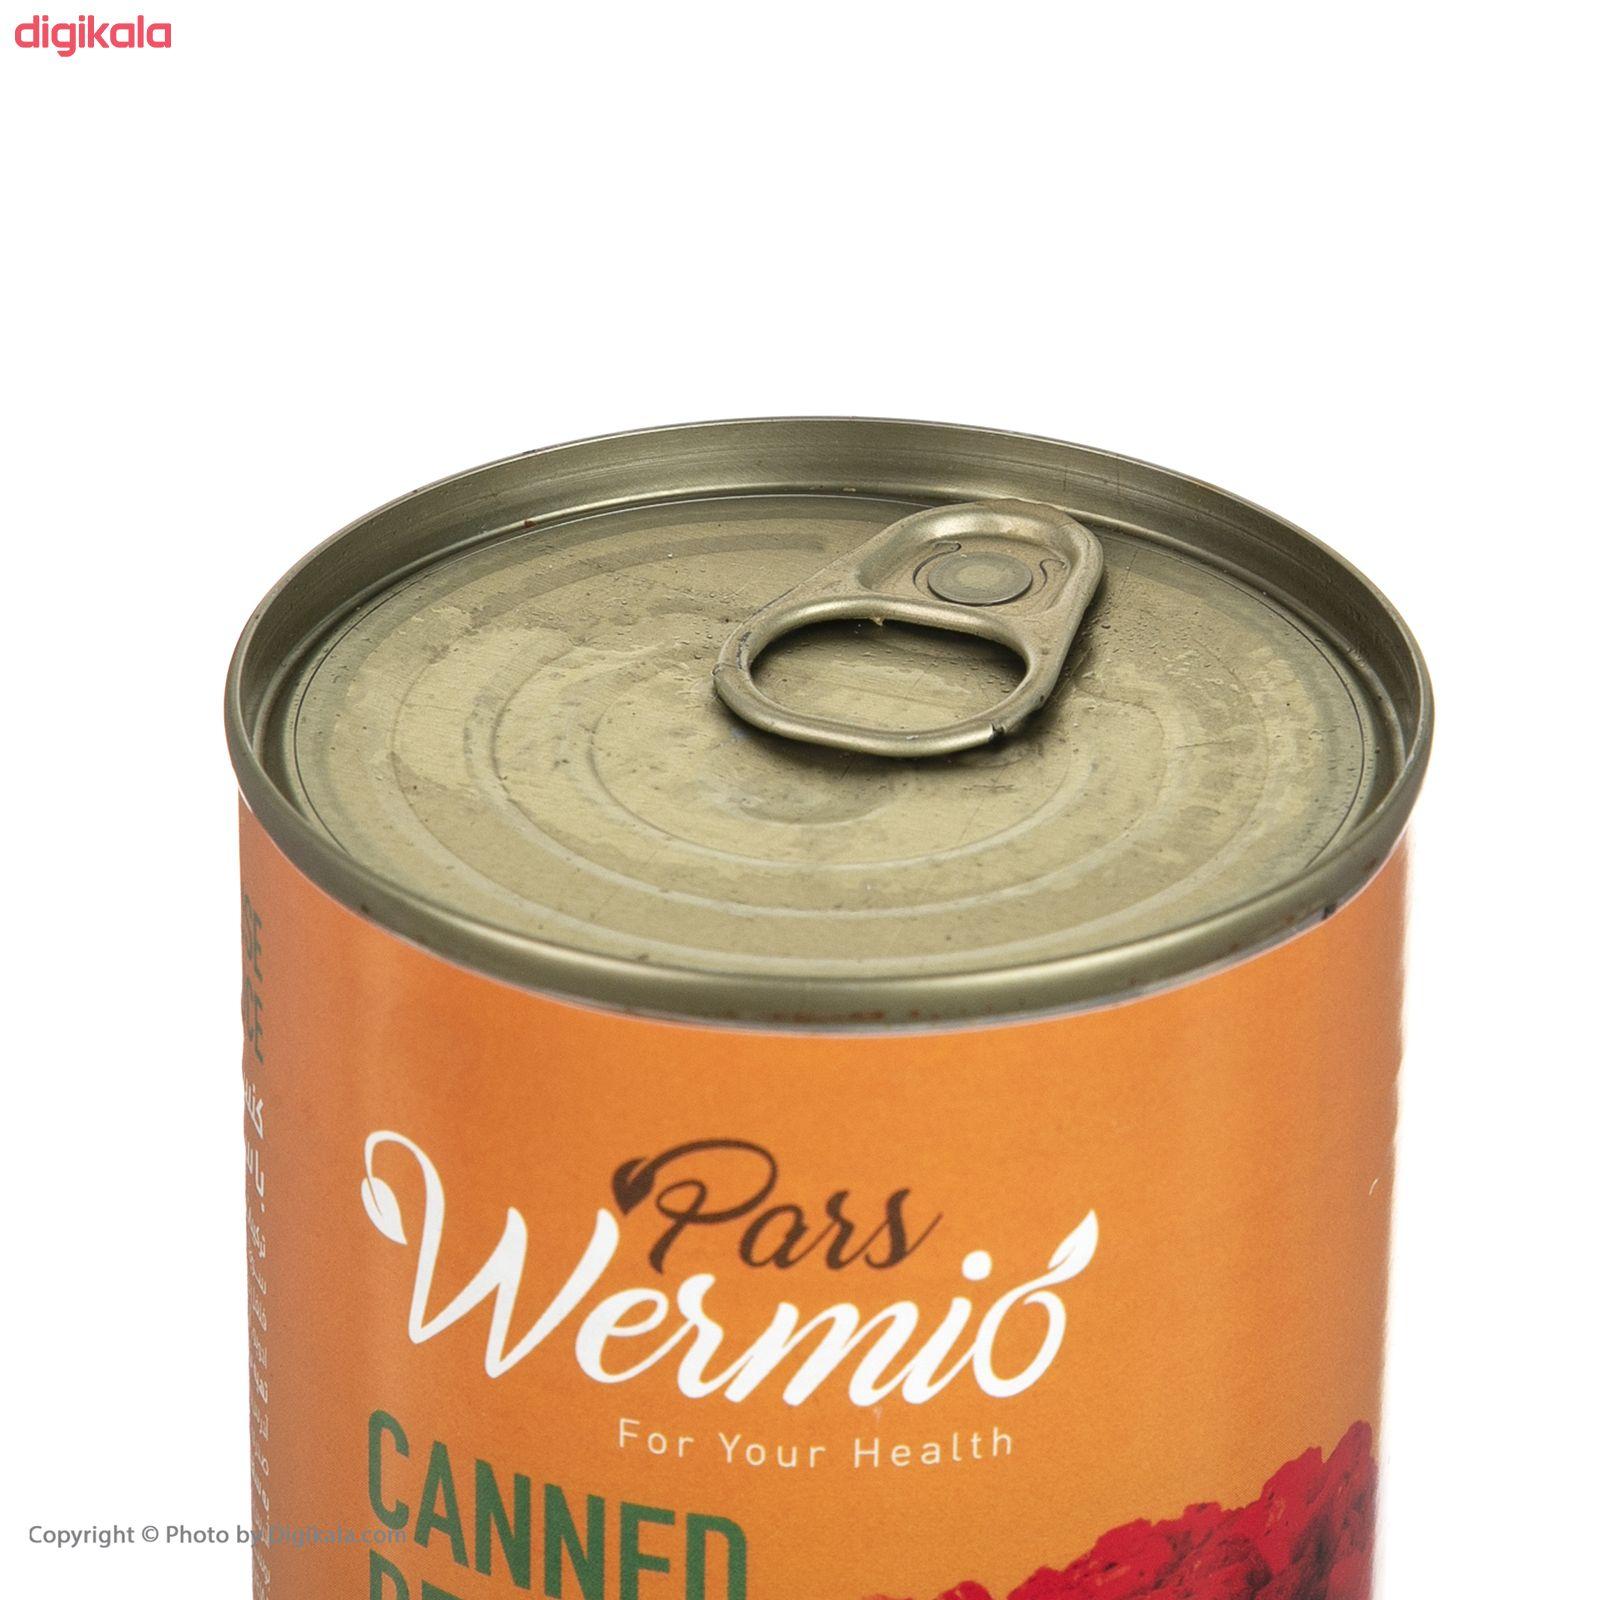 کنسرو مایه ماکارونی با سویا و قارچ پارس ورمیو - 420 گرم main 1 3